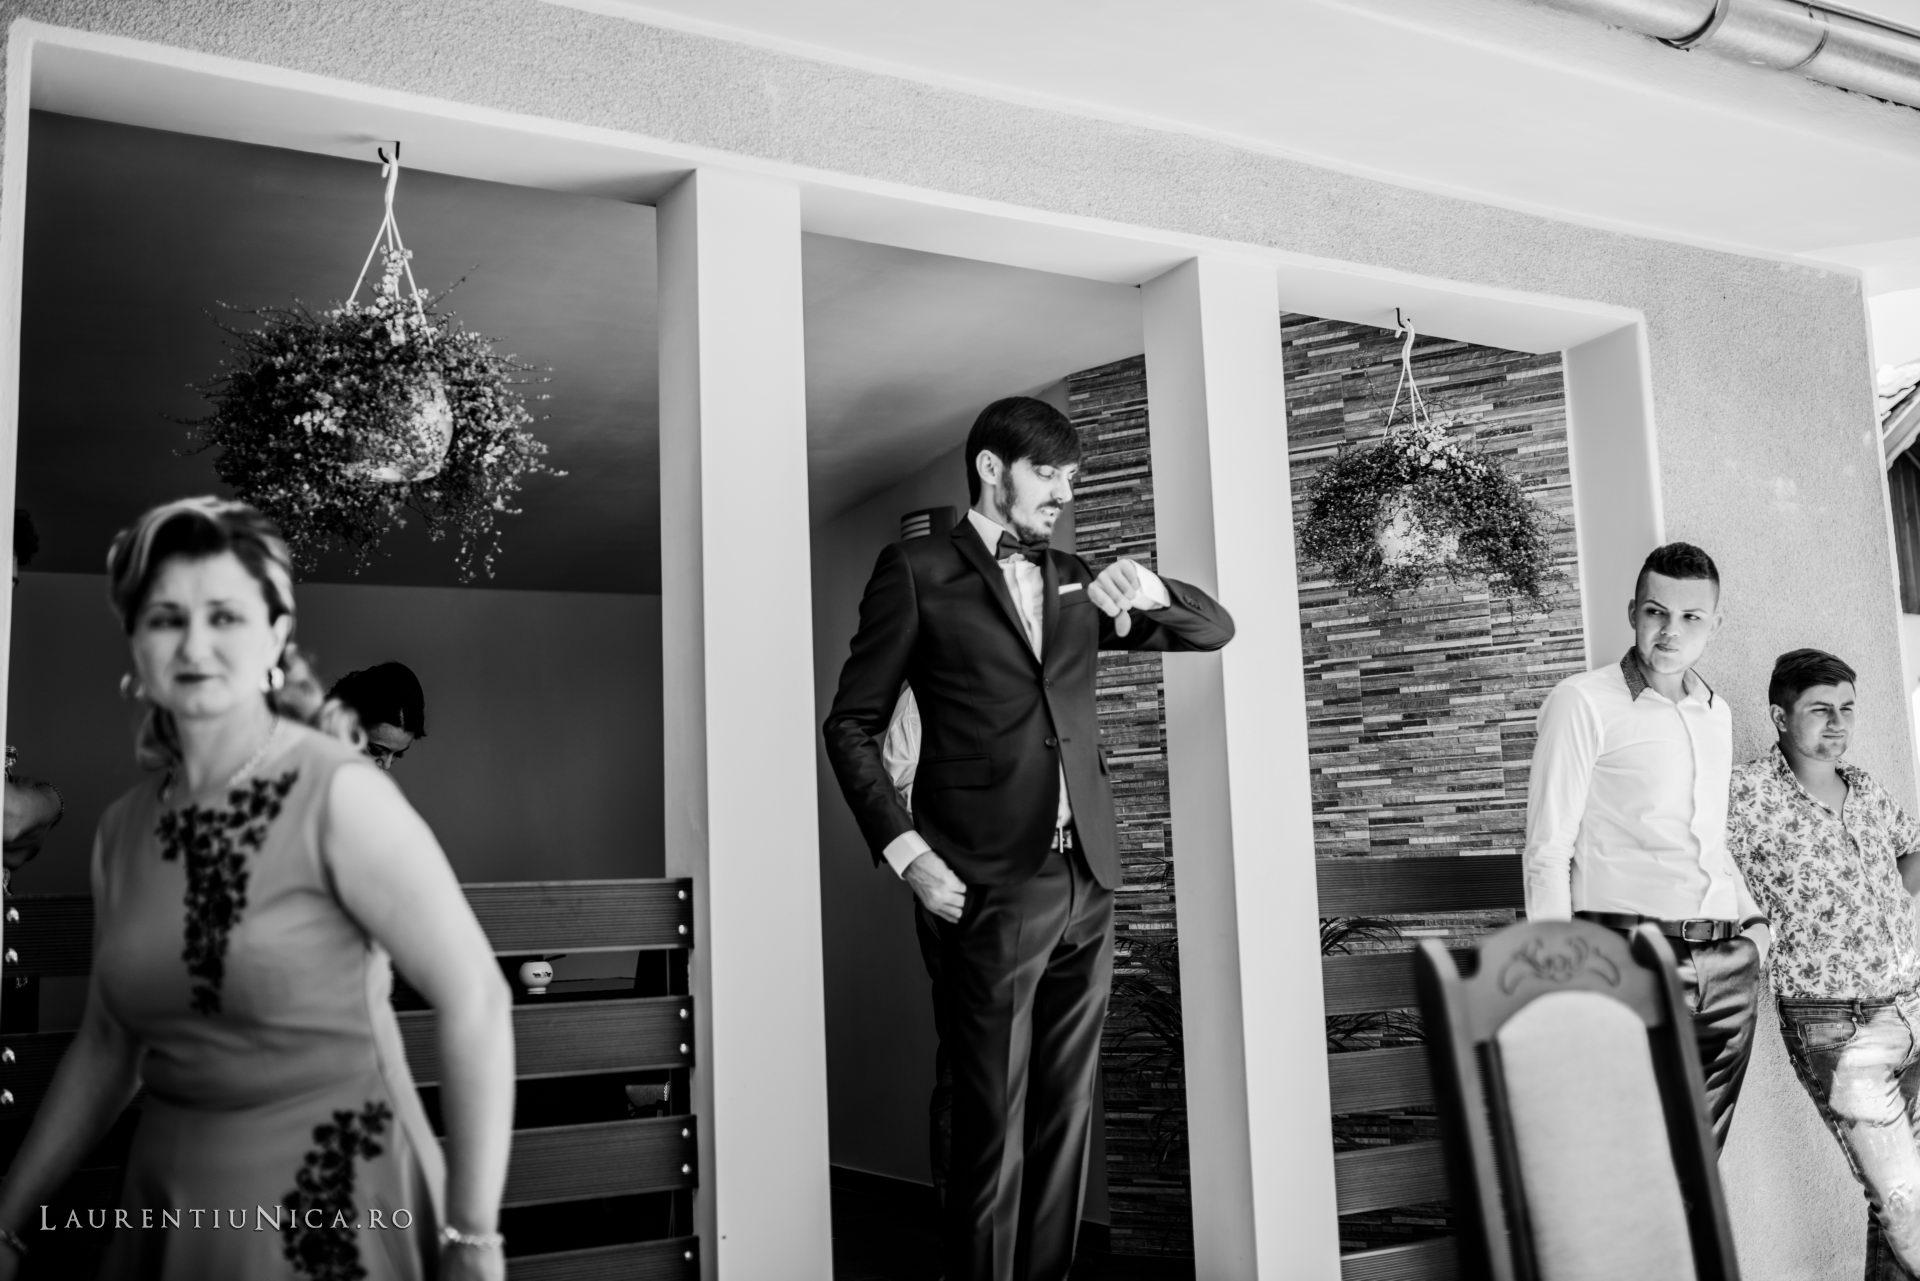 Cristina si Ovidiu nunta Craiova fotograf laurentiu nica 050 - Cristina & Ovidiu | Fotografii nunta | Craiova